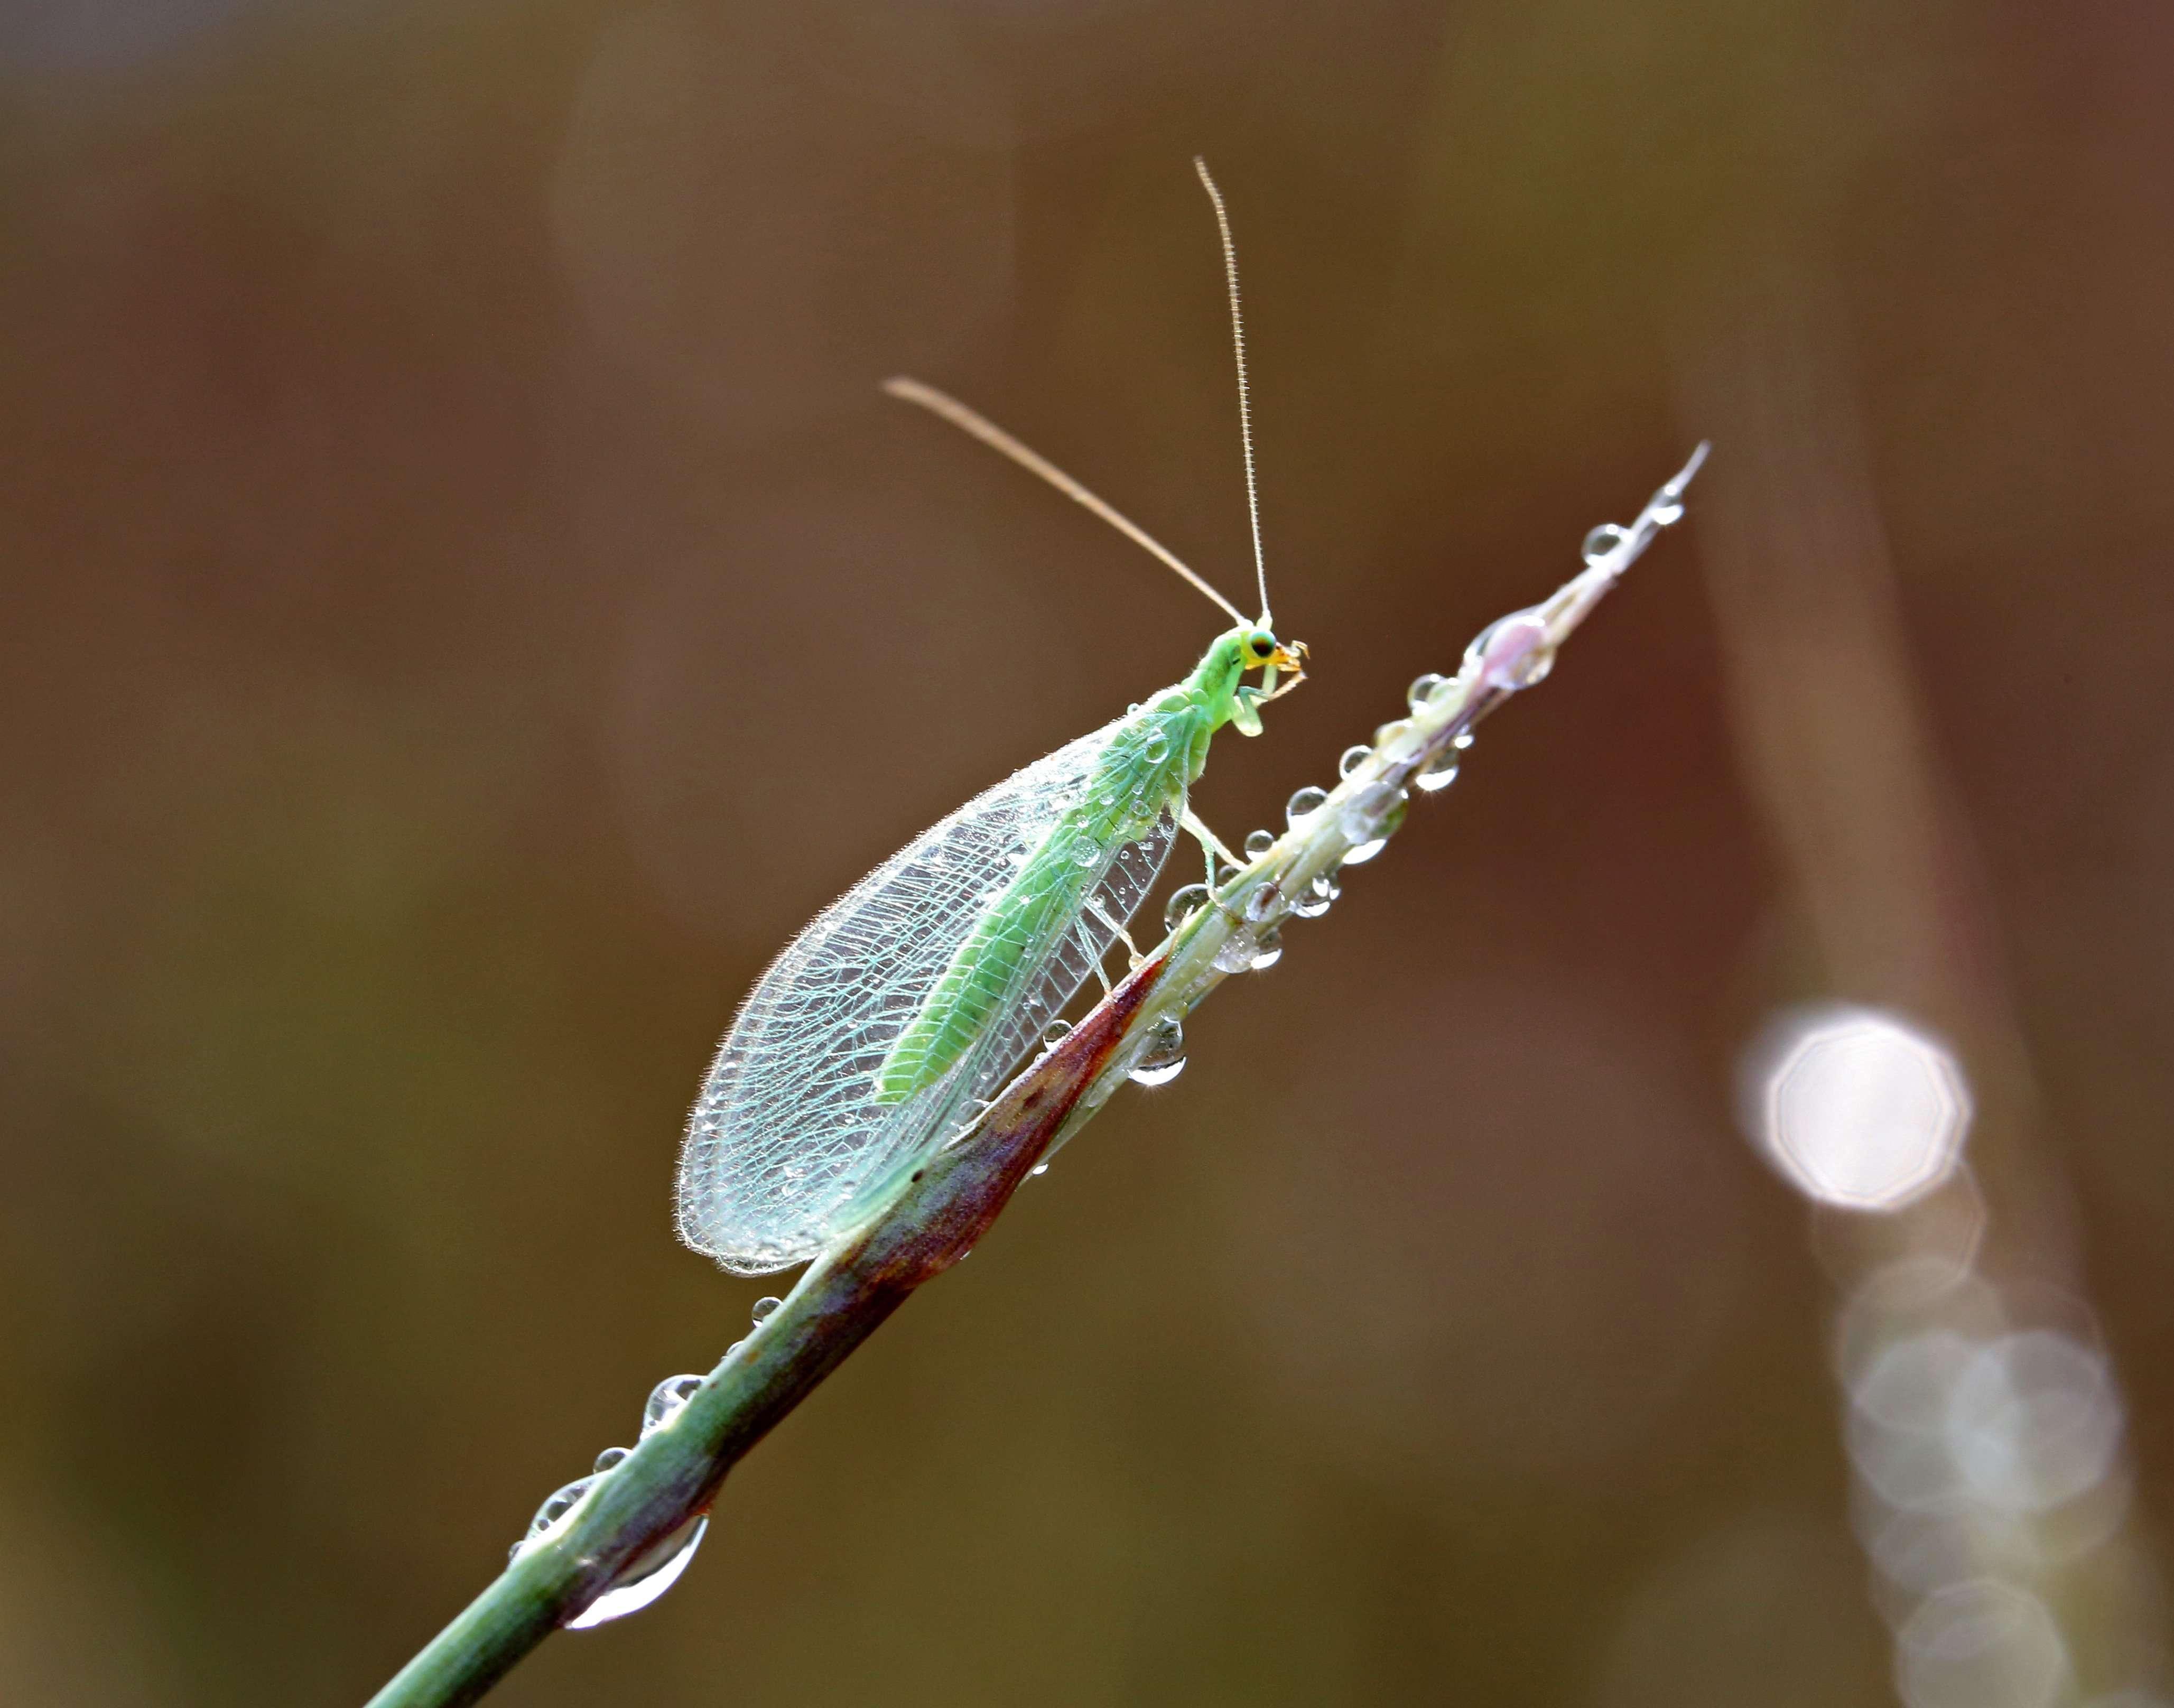 Green Lacewing on Little Bluestem